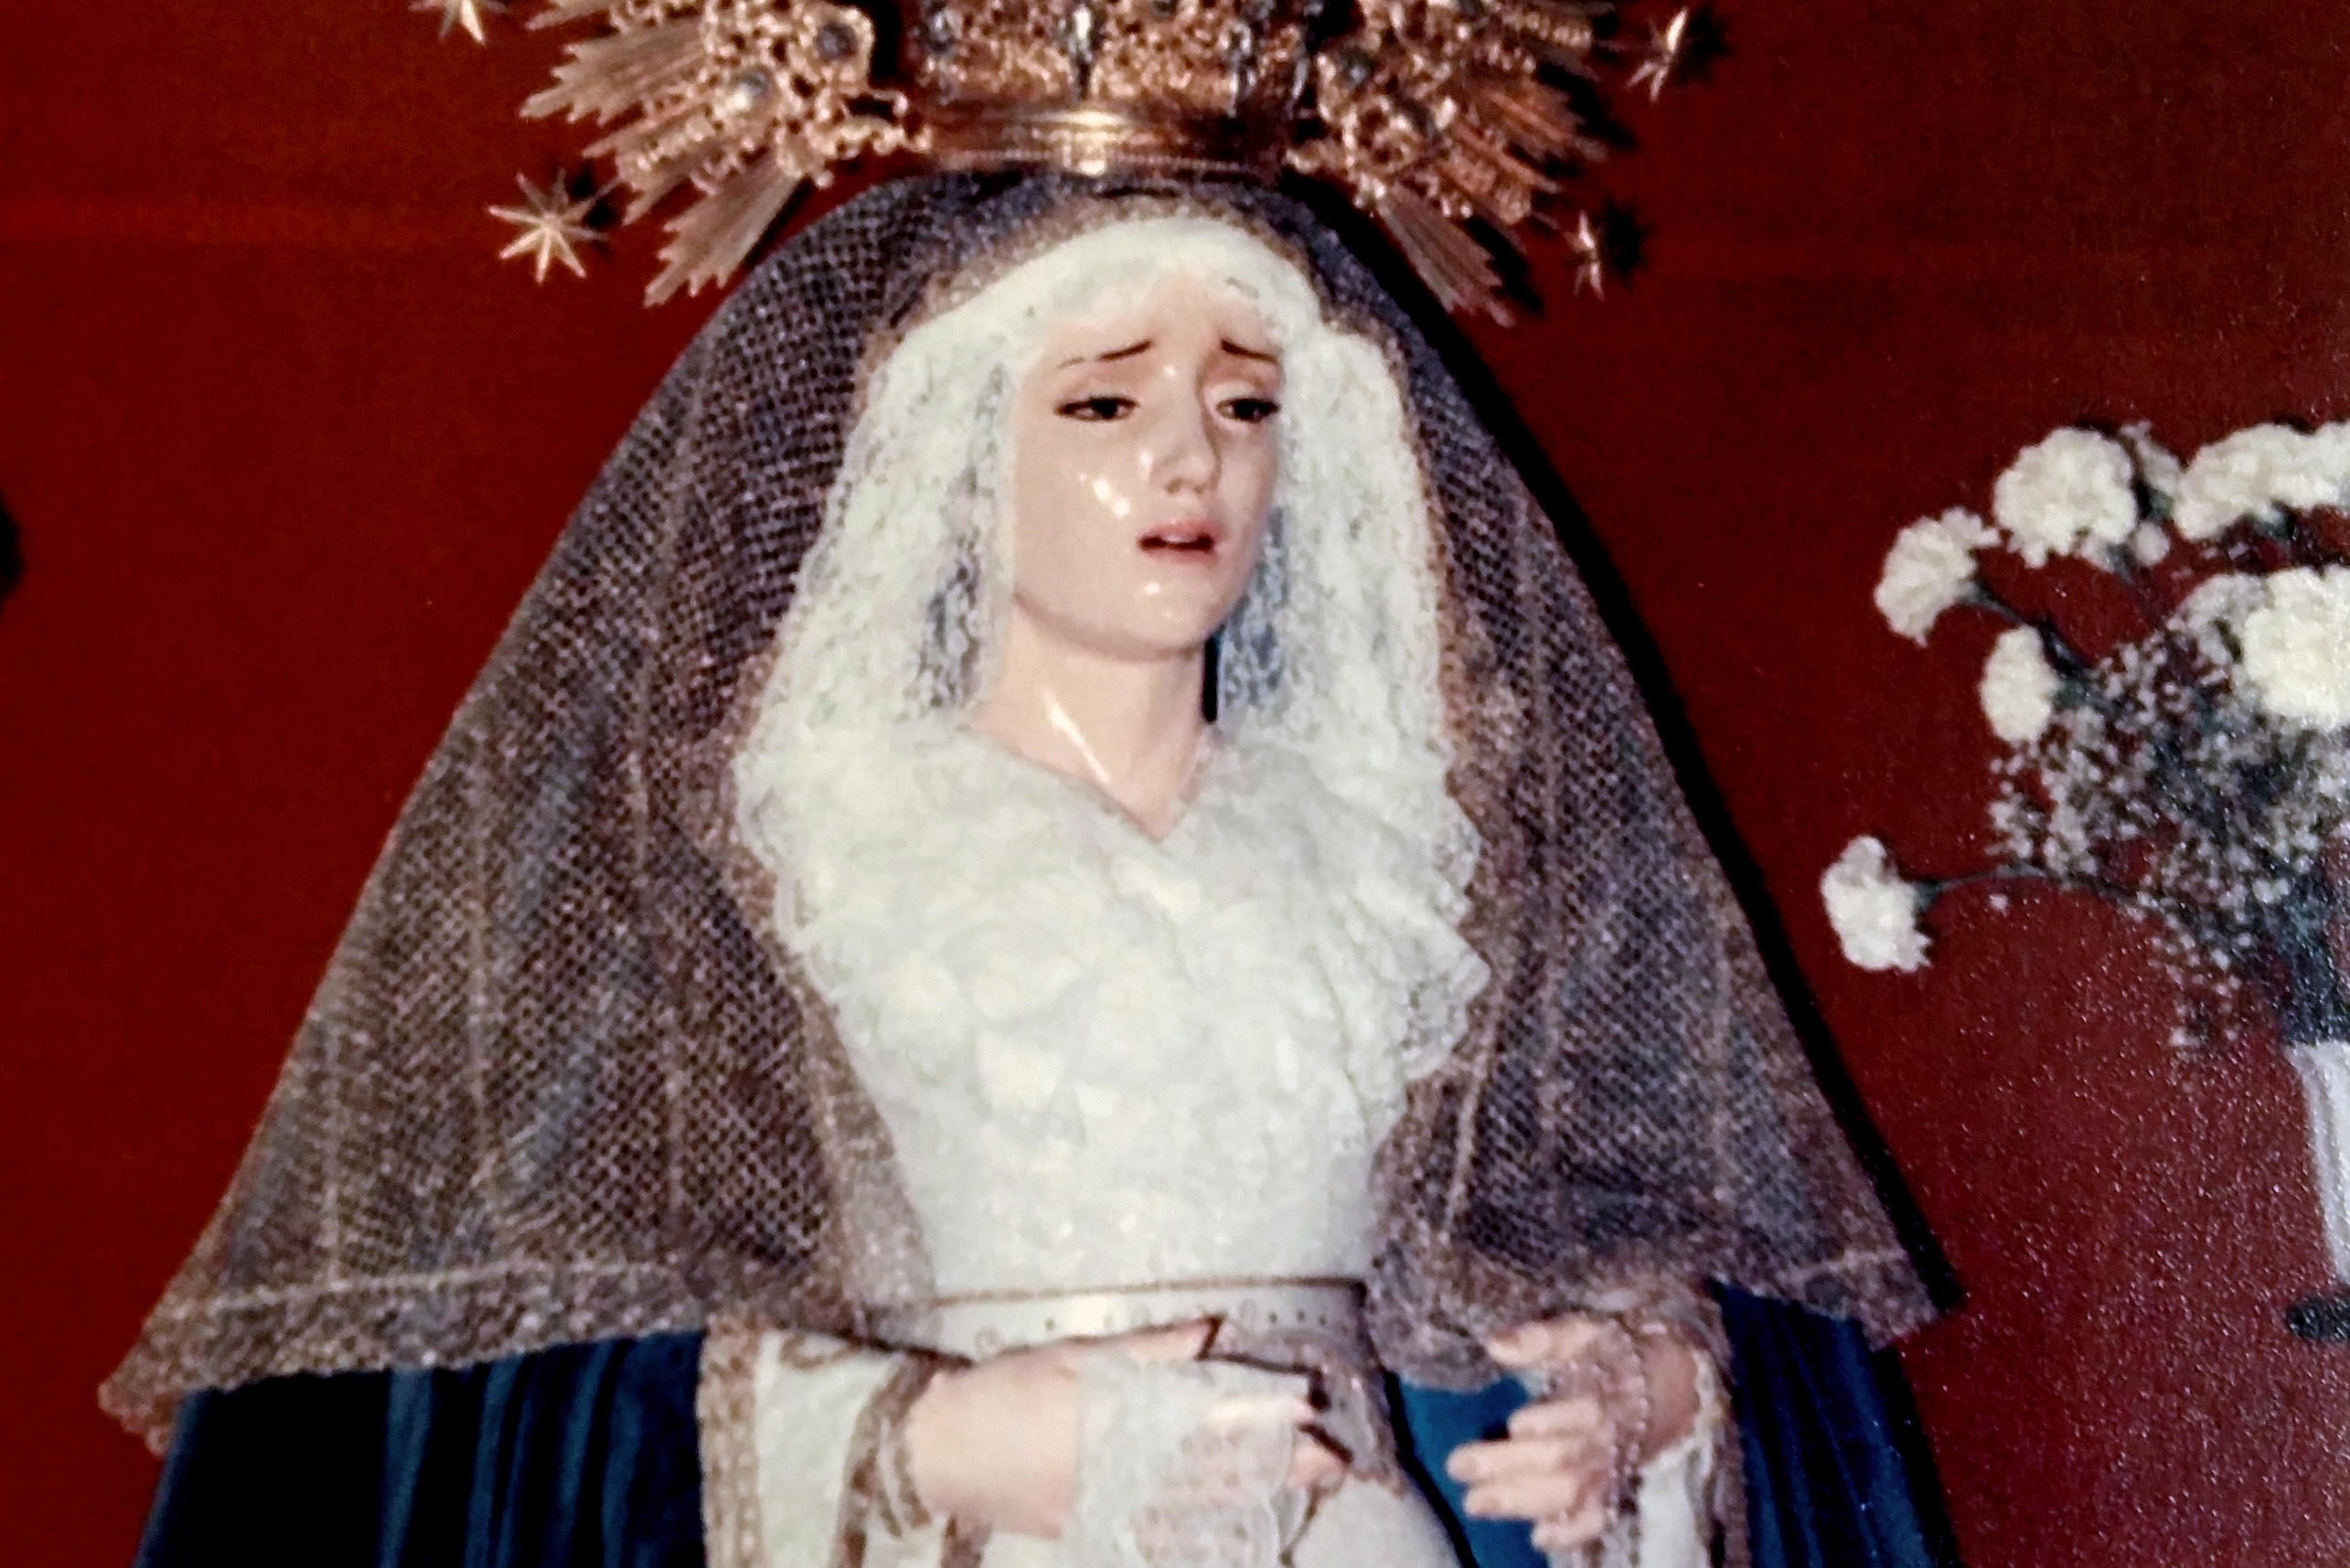 Ntra. Sra. de la Paz el día de su bendición el 31 de marzo de 1985.